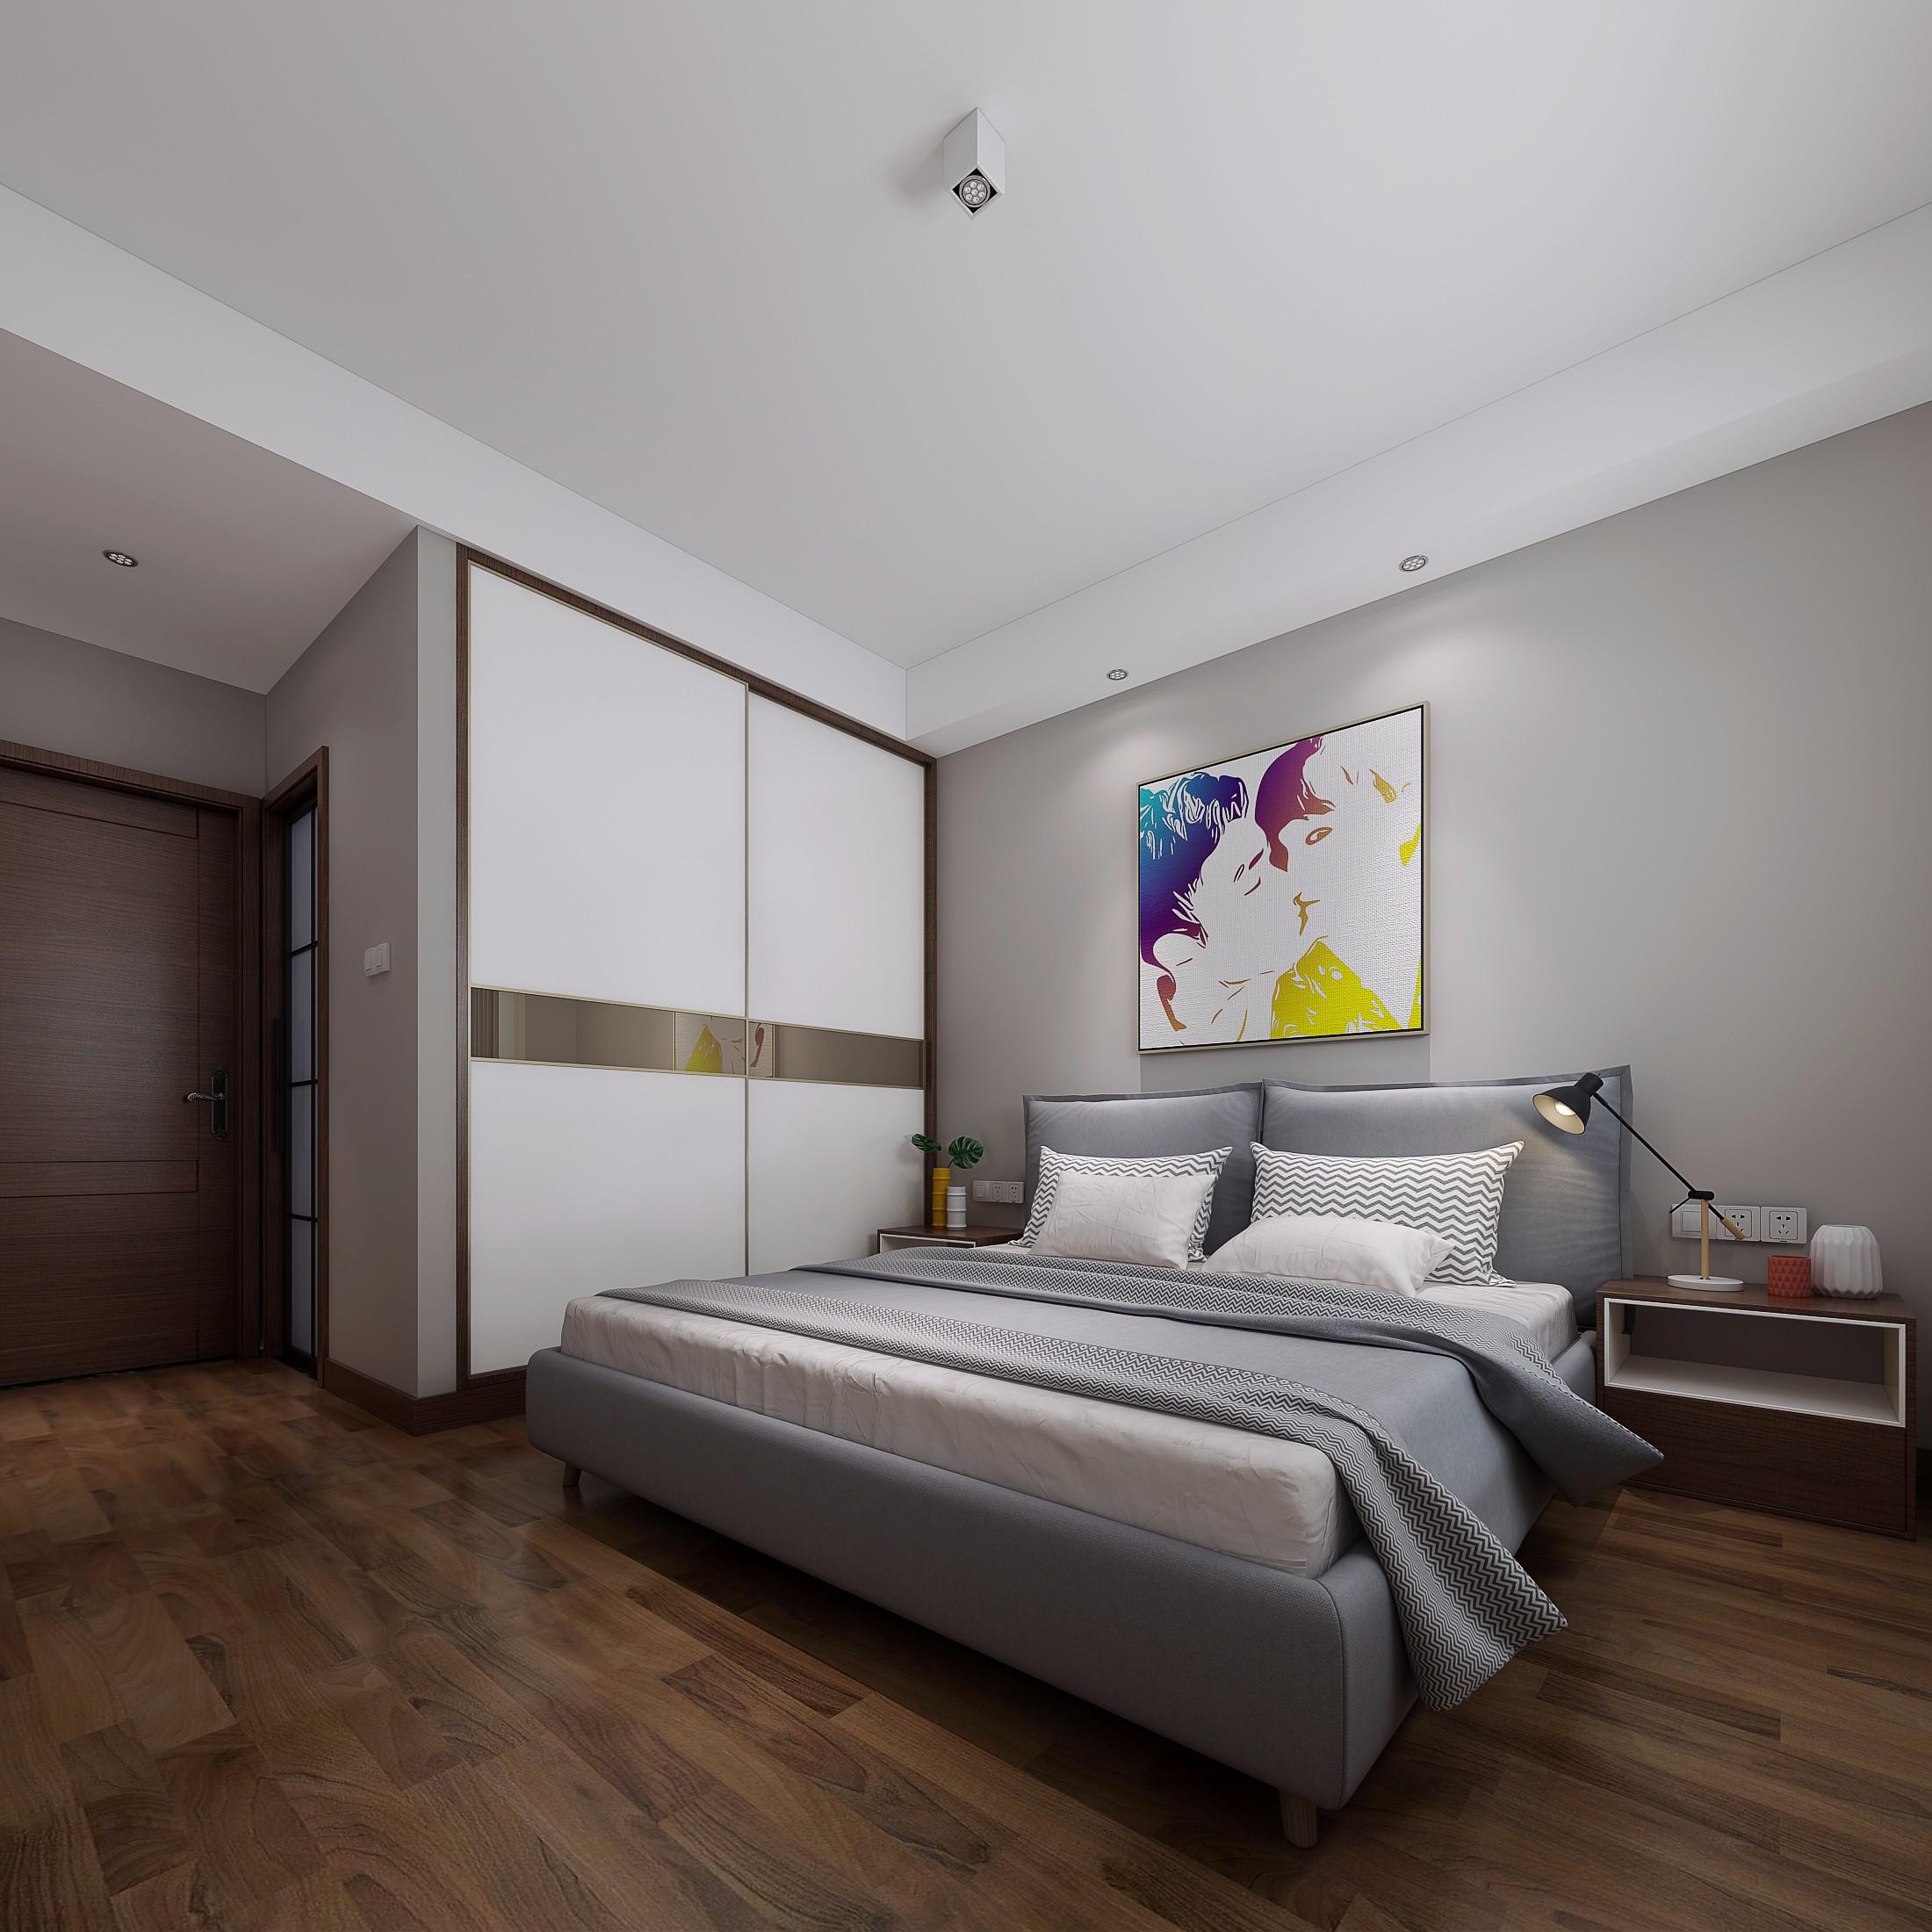 背景墙 房间 家居 起居室 设计 卧室 卧室装修 现代 装修 2200_2200